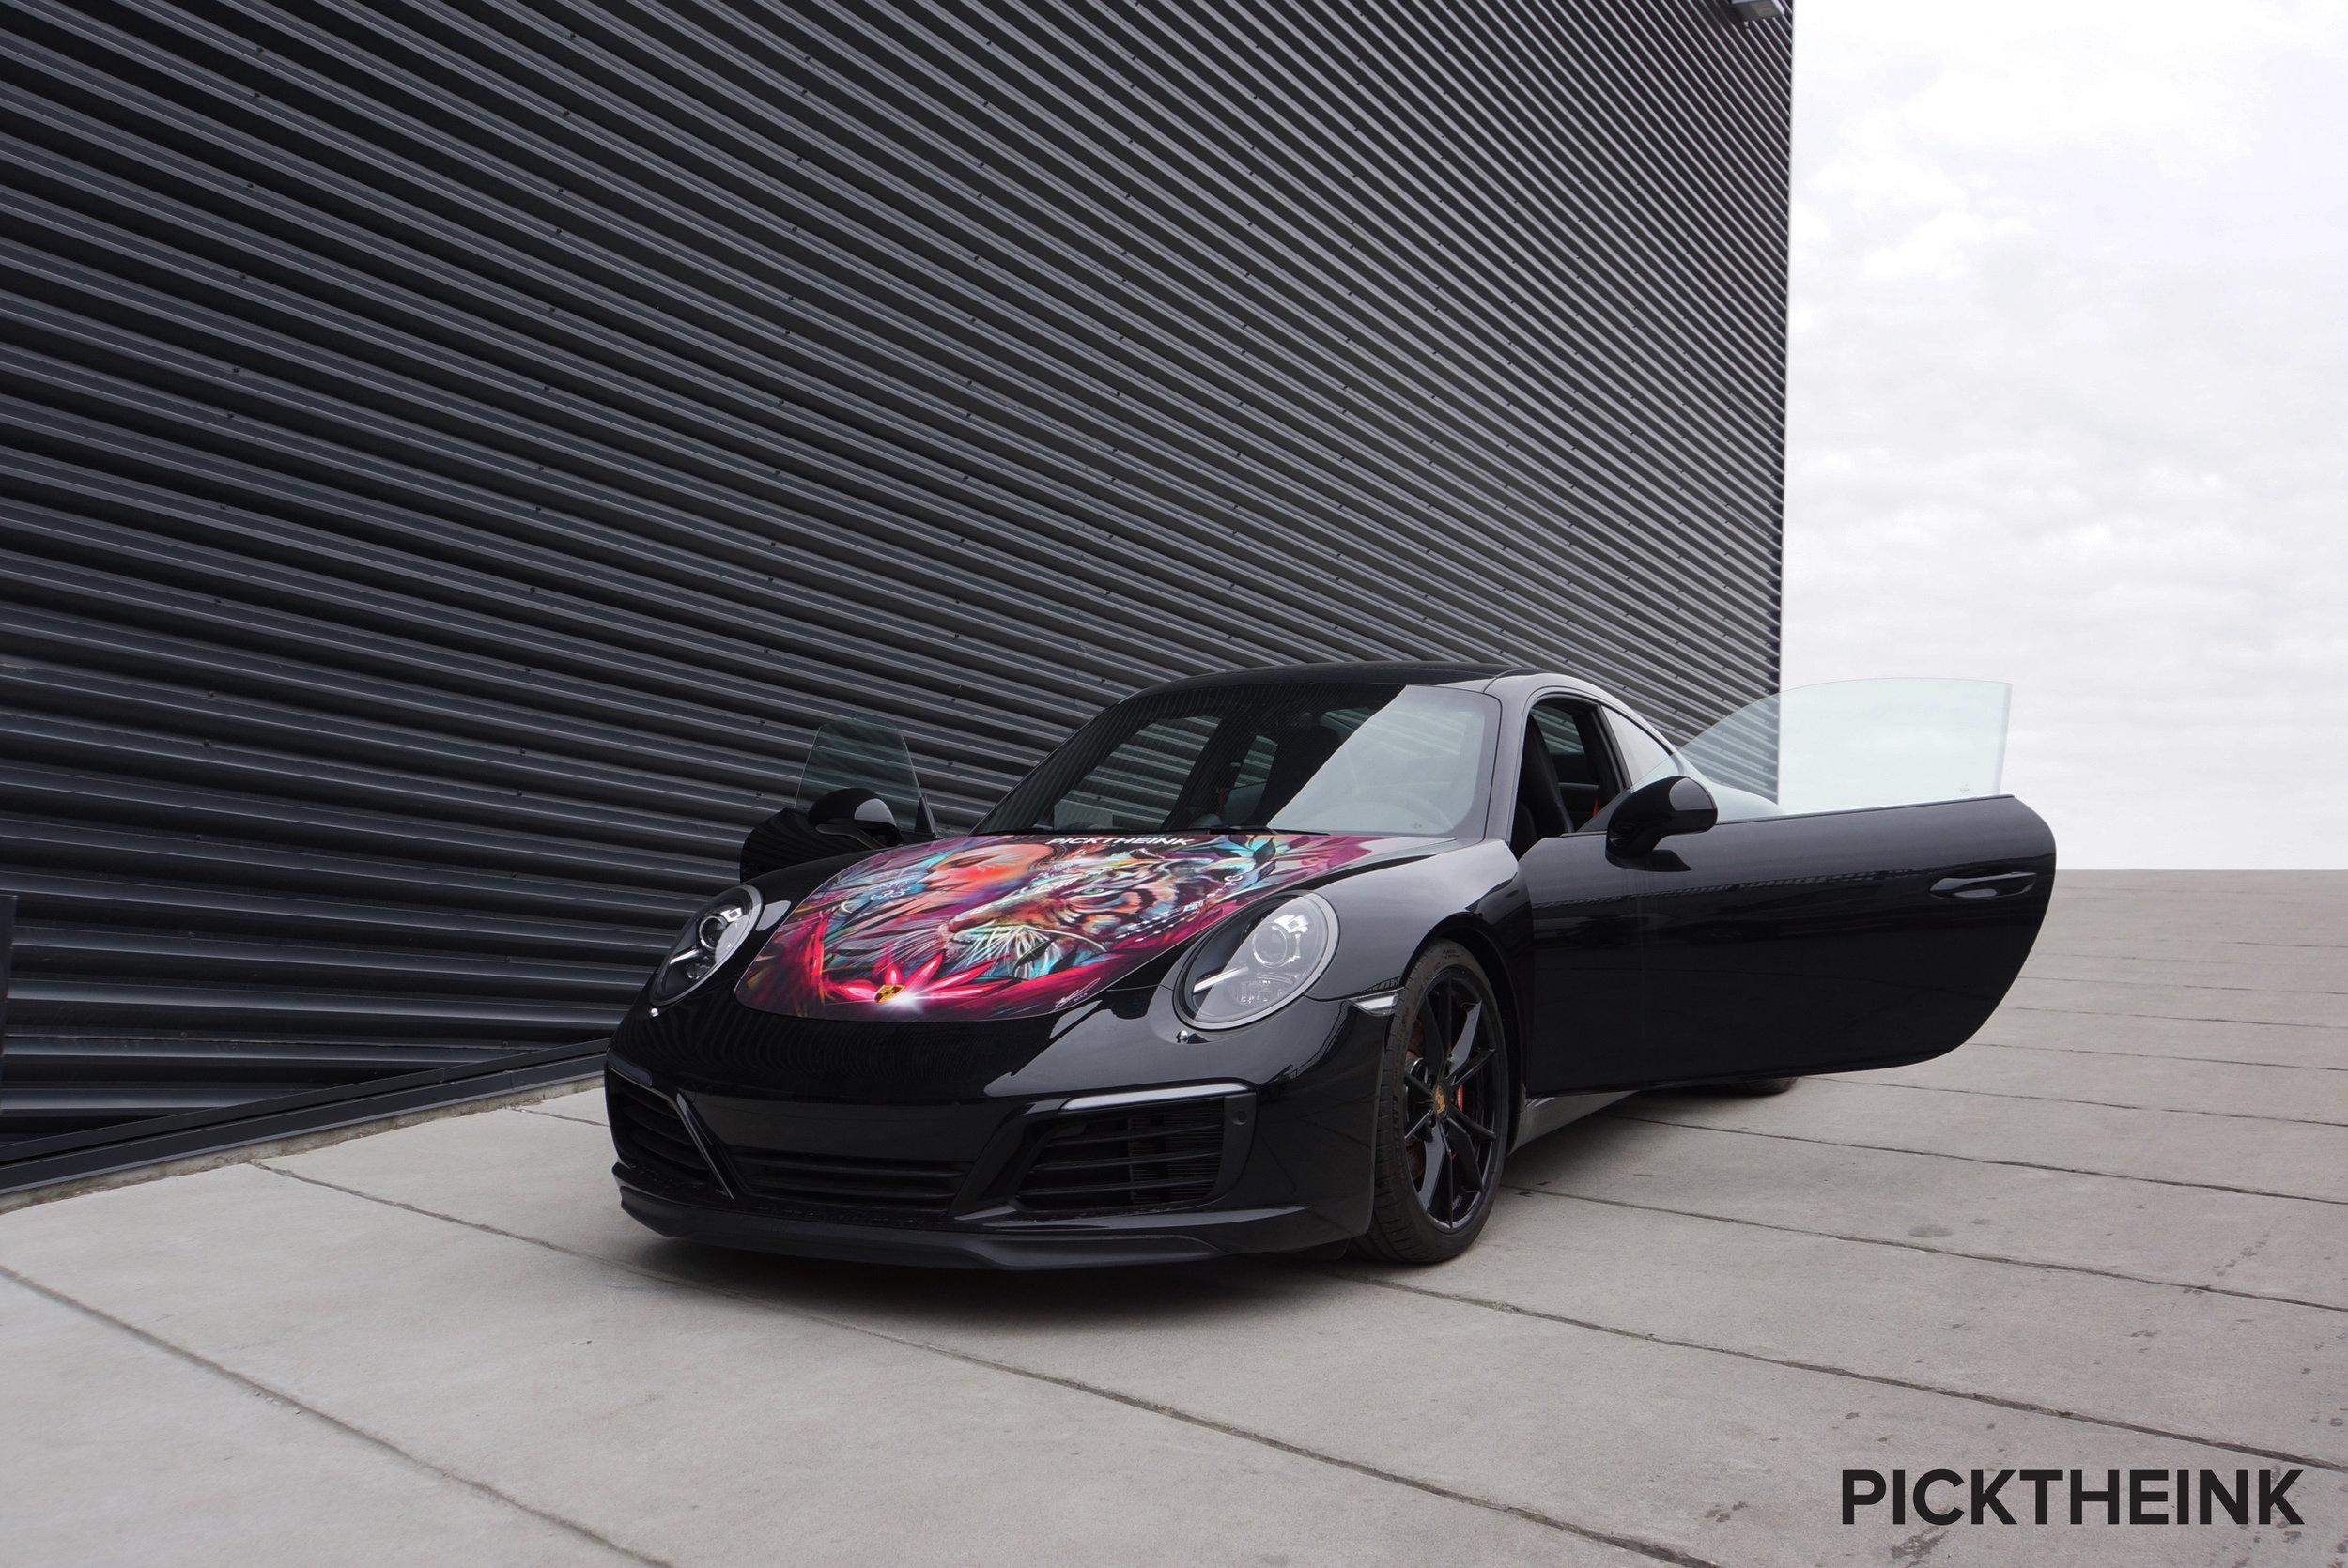 The black Porsche 911